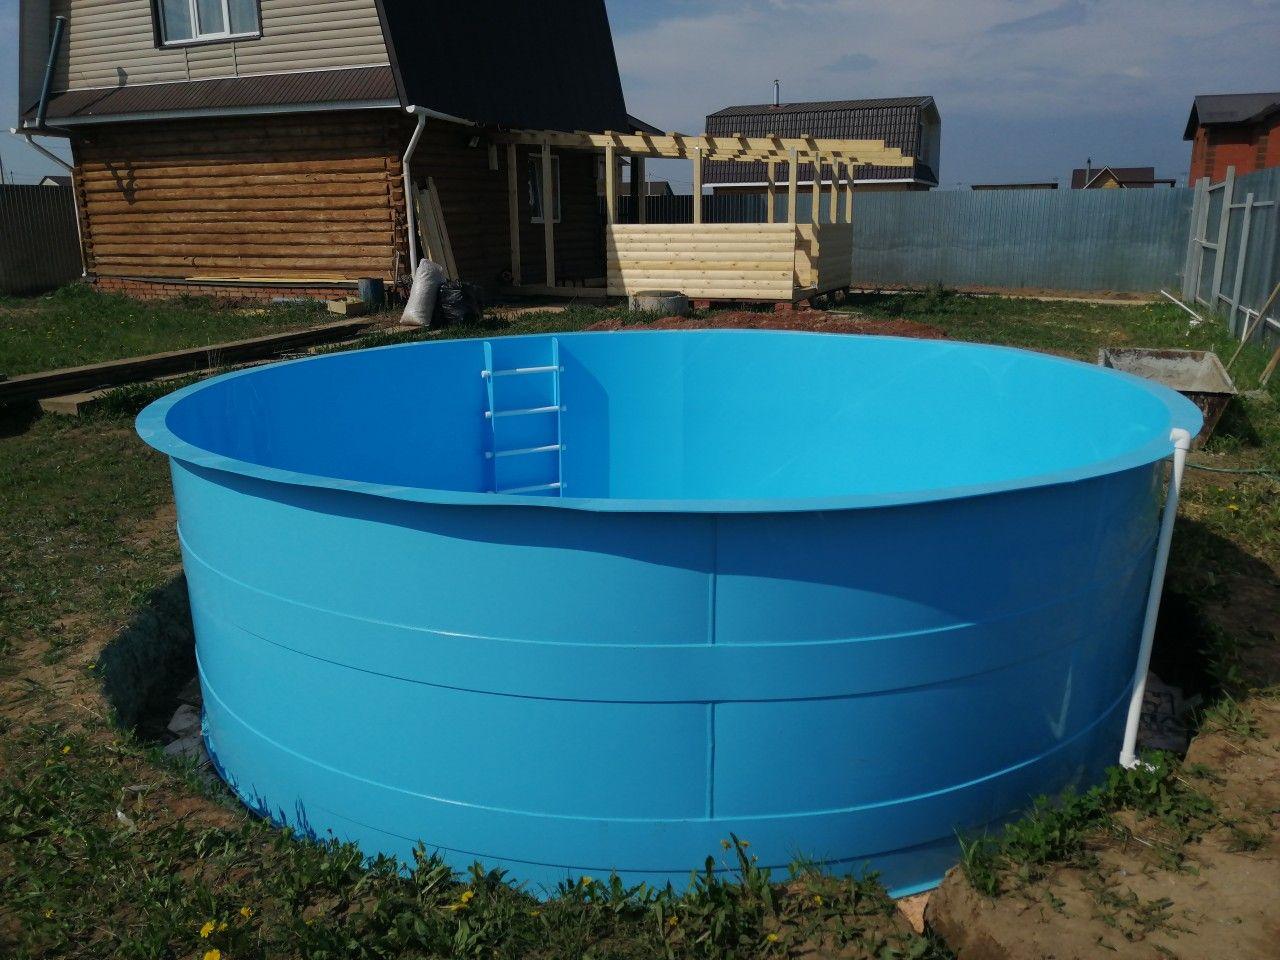 Пластиковый бассейн для дачи: виды, характеристики и монтаж с видео